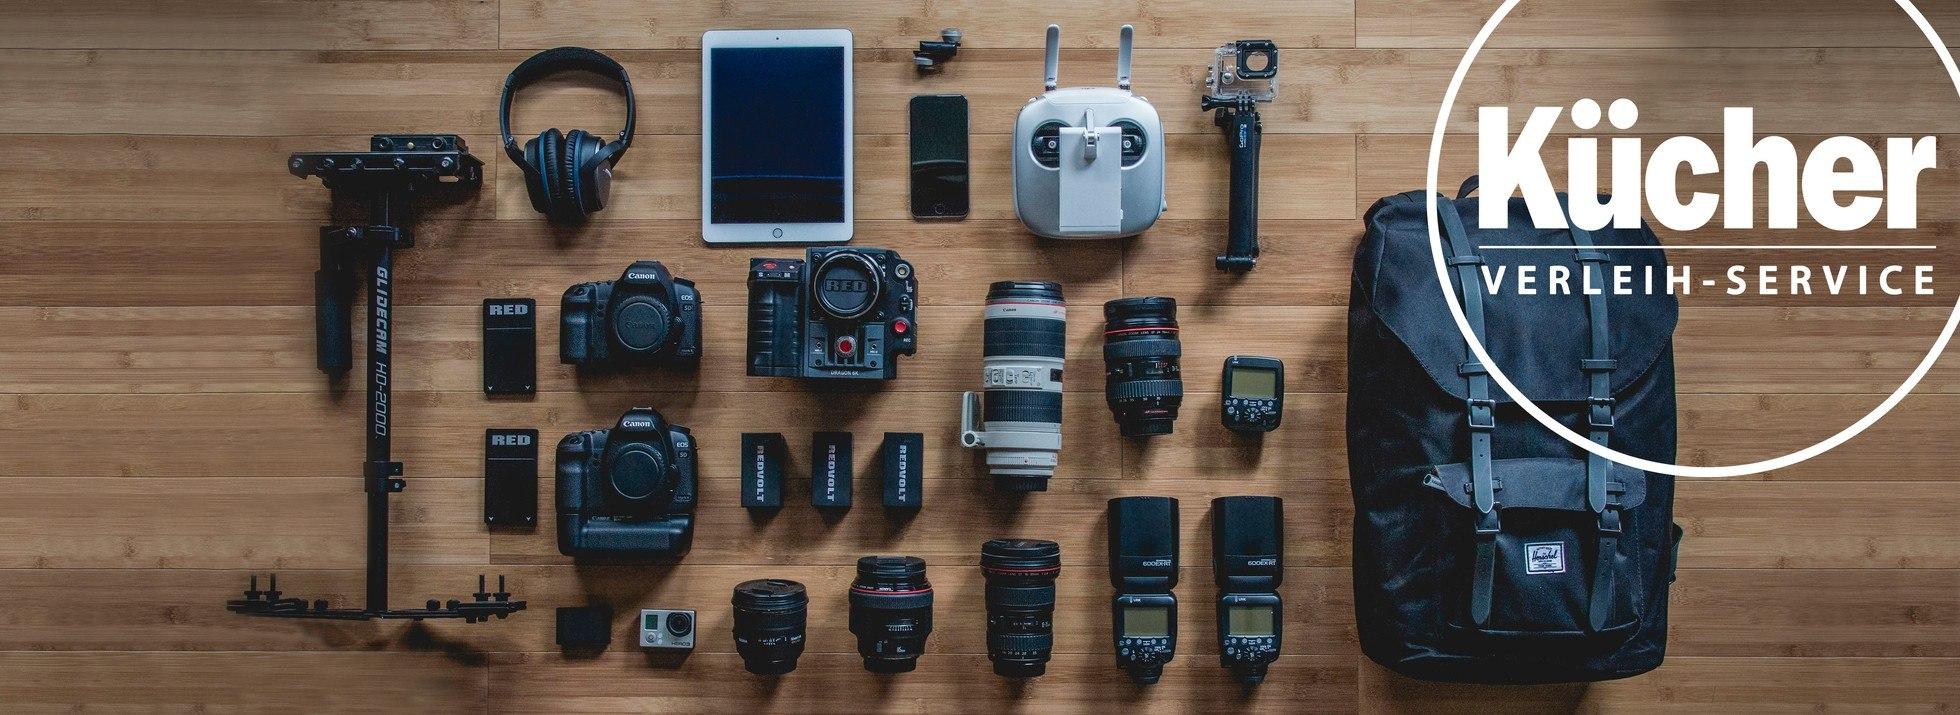 Verleih-Service für Kameras, Objektive & Zubehör  Foto Kücher